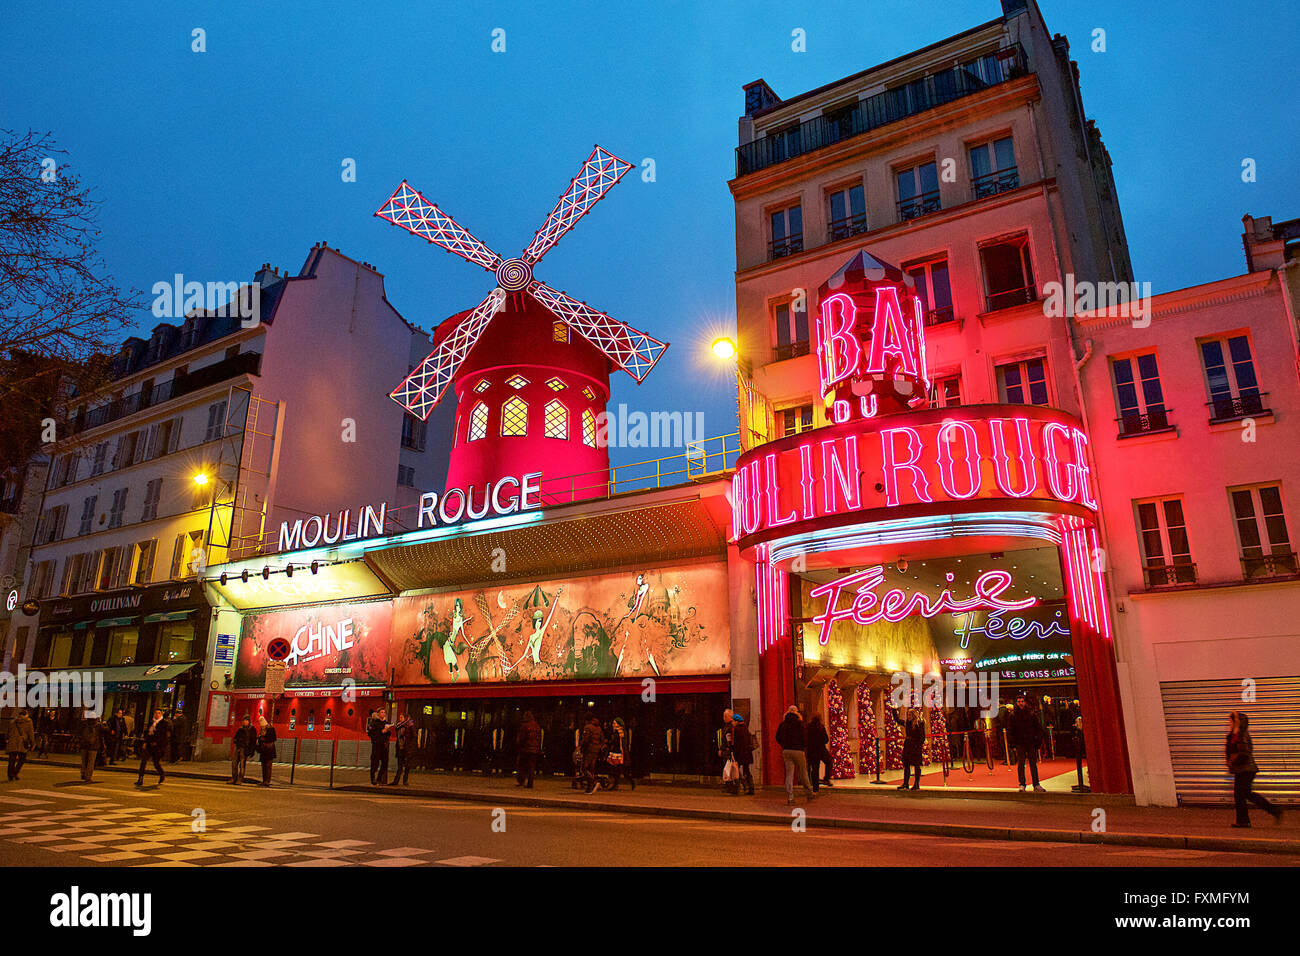 Moulin Rouge, Paris, France - Stock Image